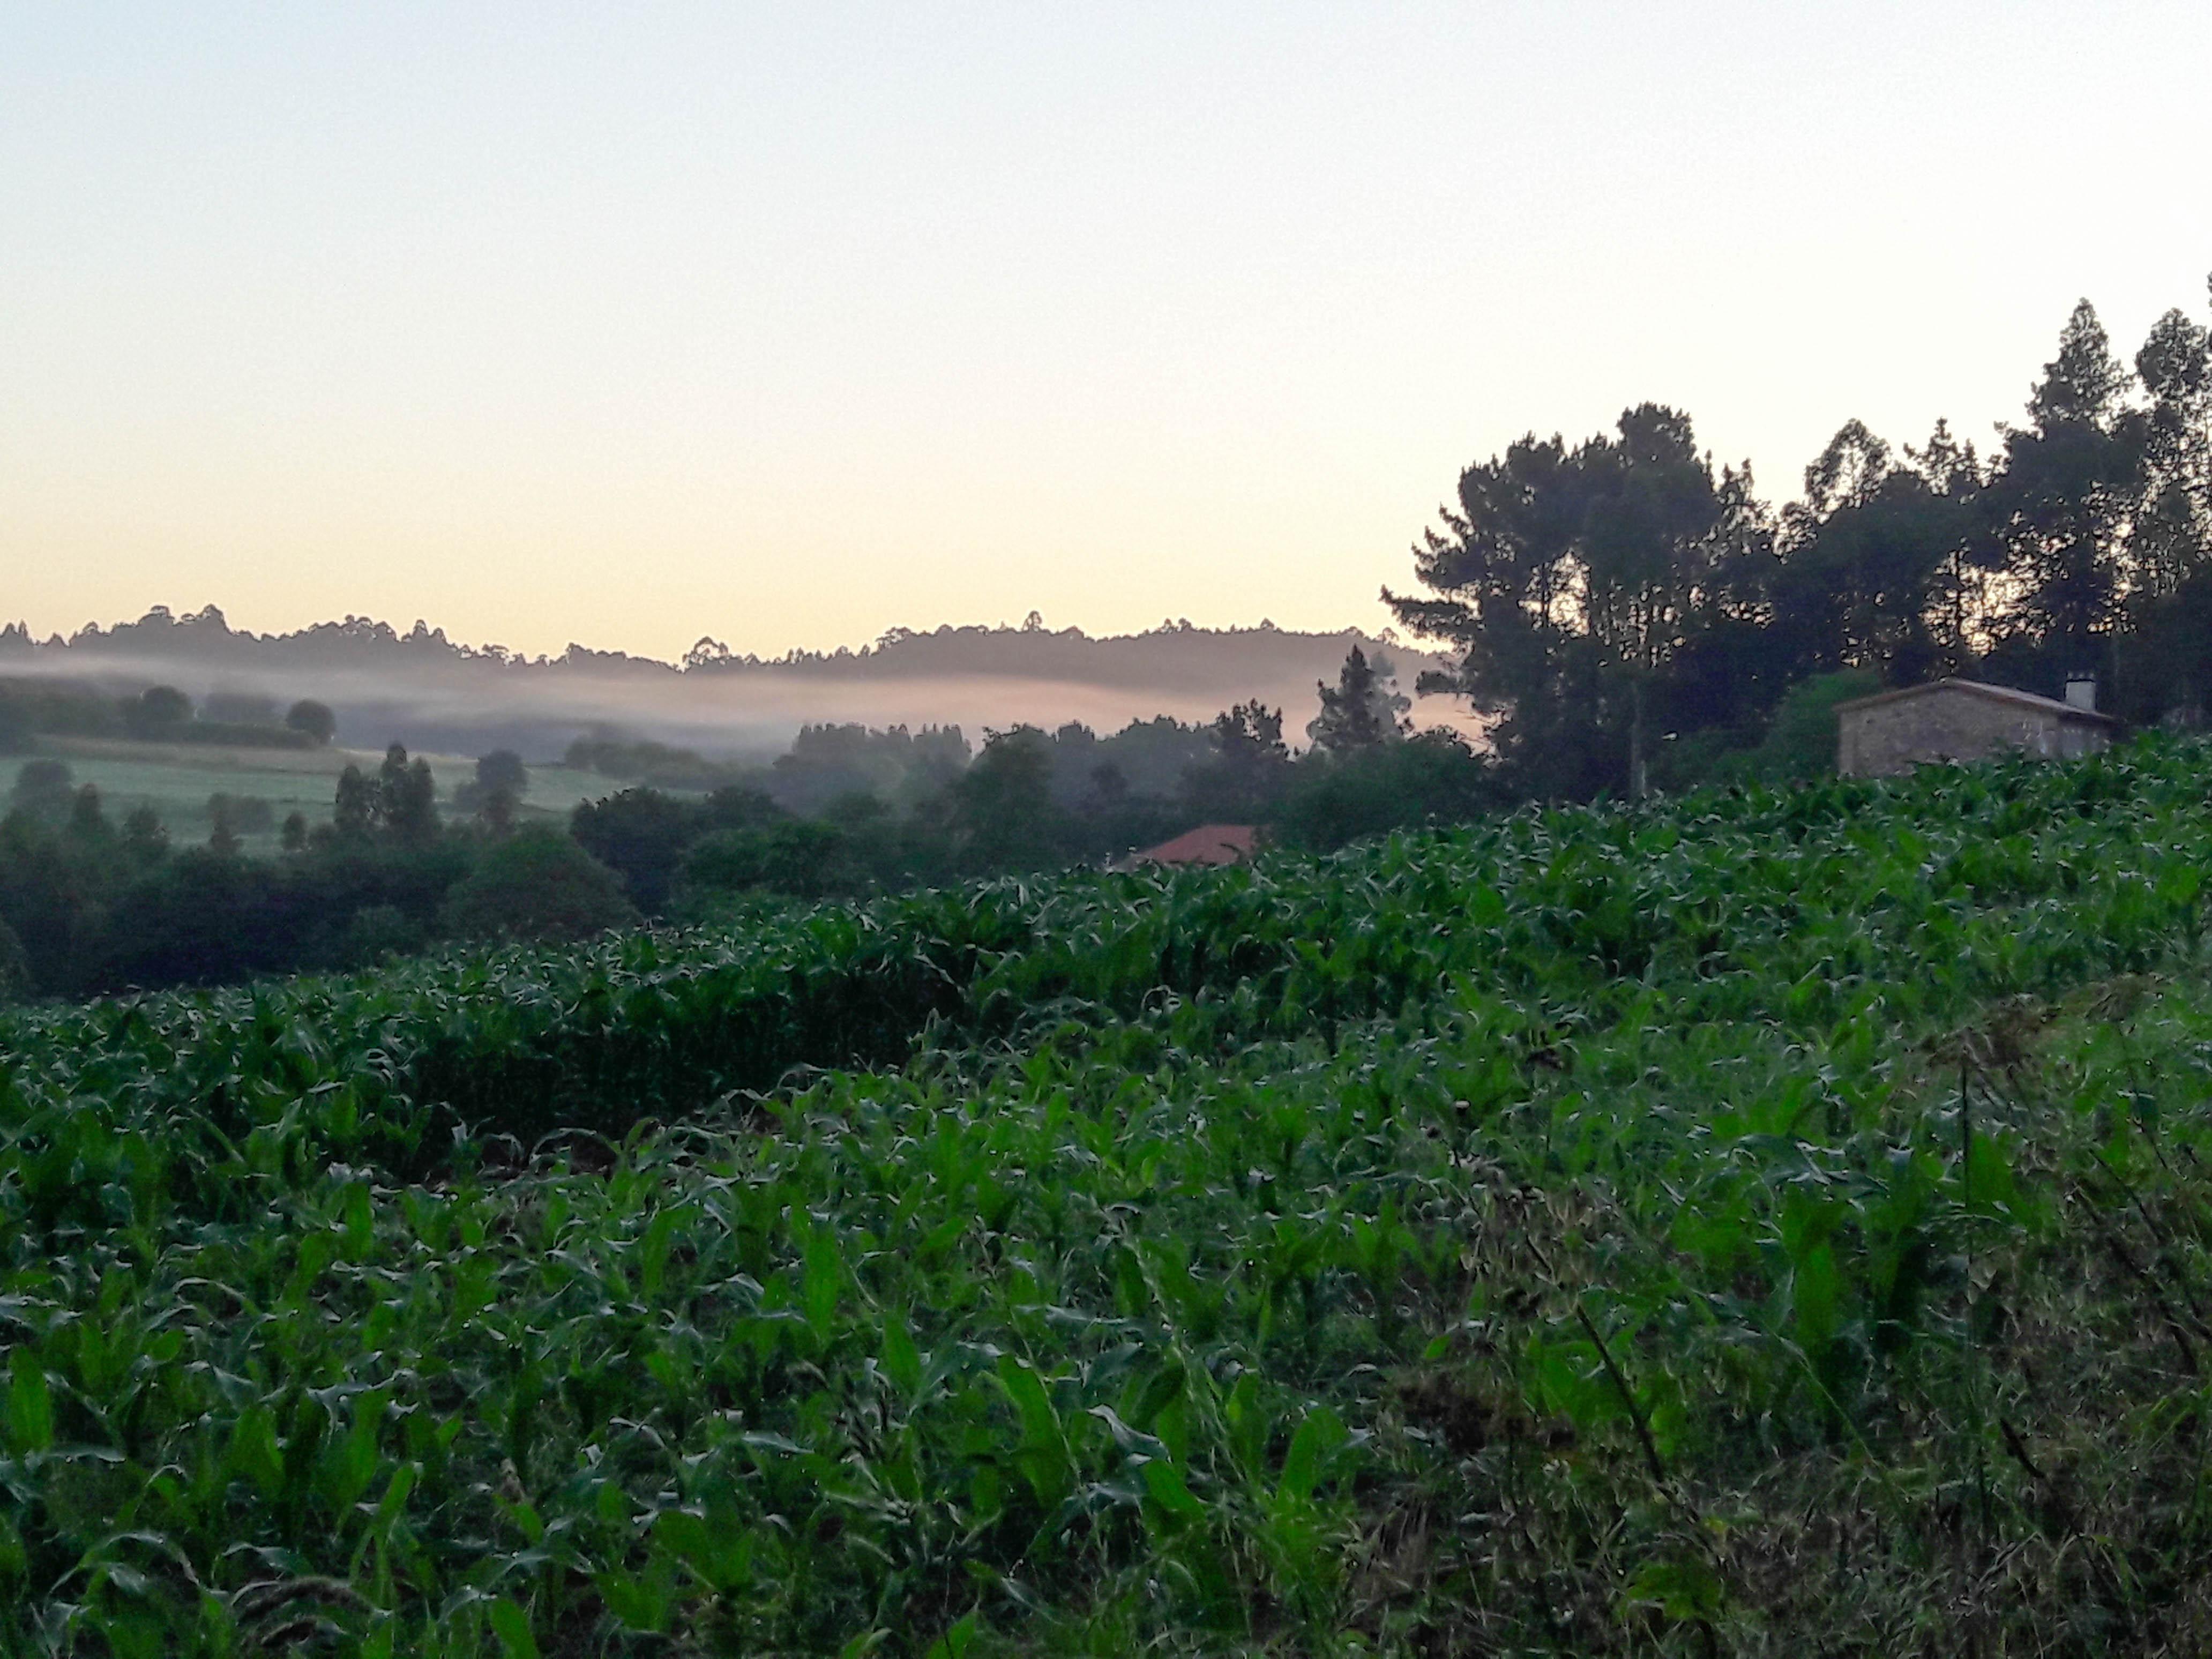 Morning mist, Sergude, Galicia